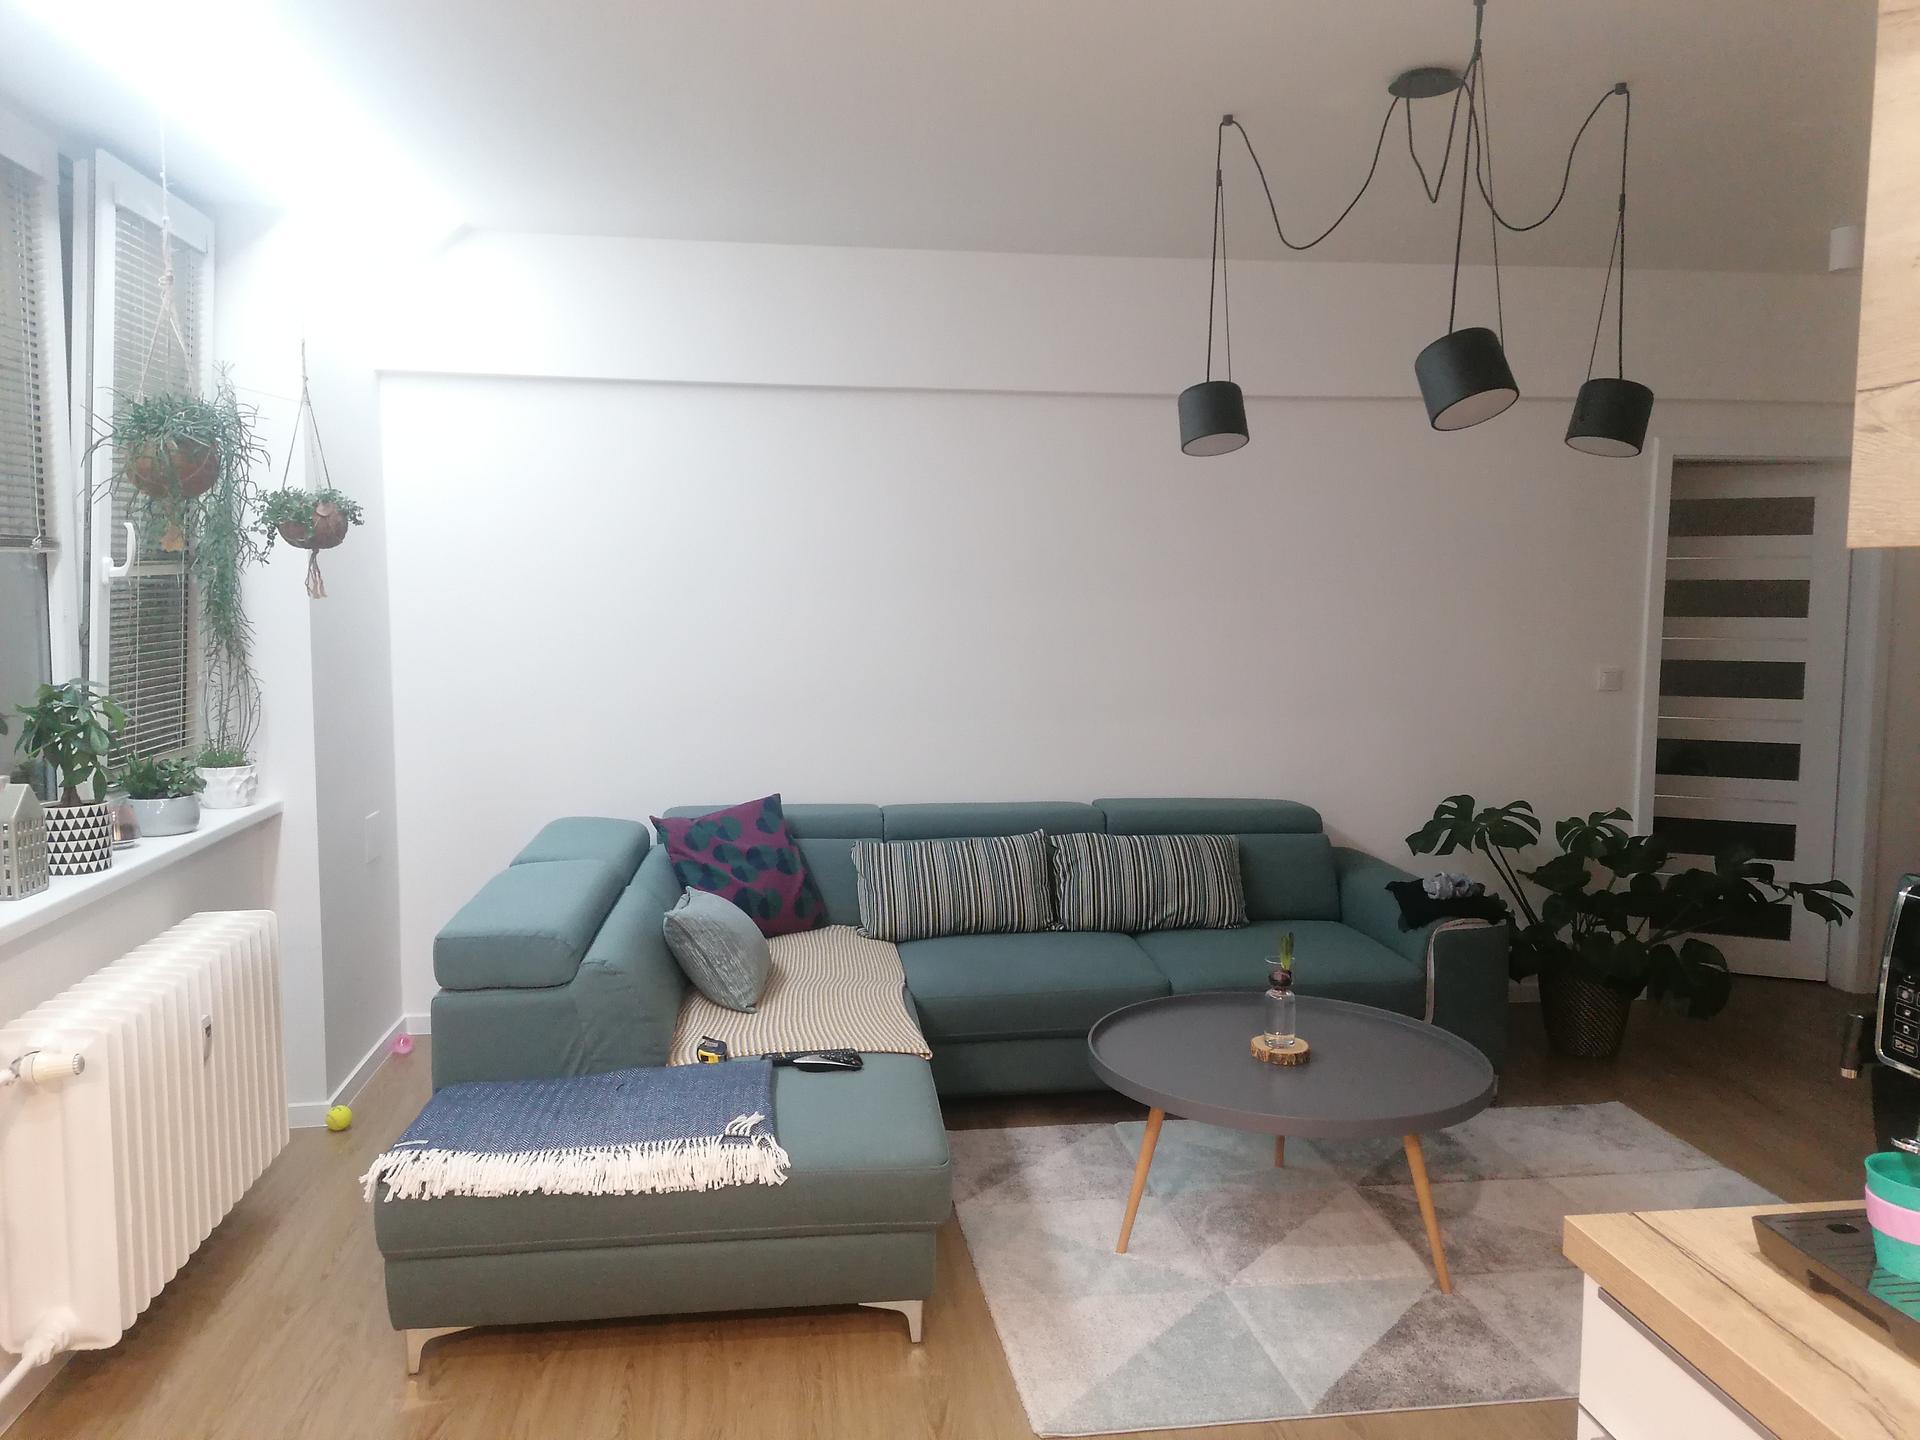 Mám dilema jestli vymalovat zeď na sedačkou šedou barvou. Na zdi je takový soklik, vymalovat asi i ten že. Nevim čím oživit. - Obrázek č. 2